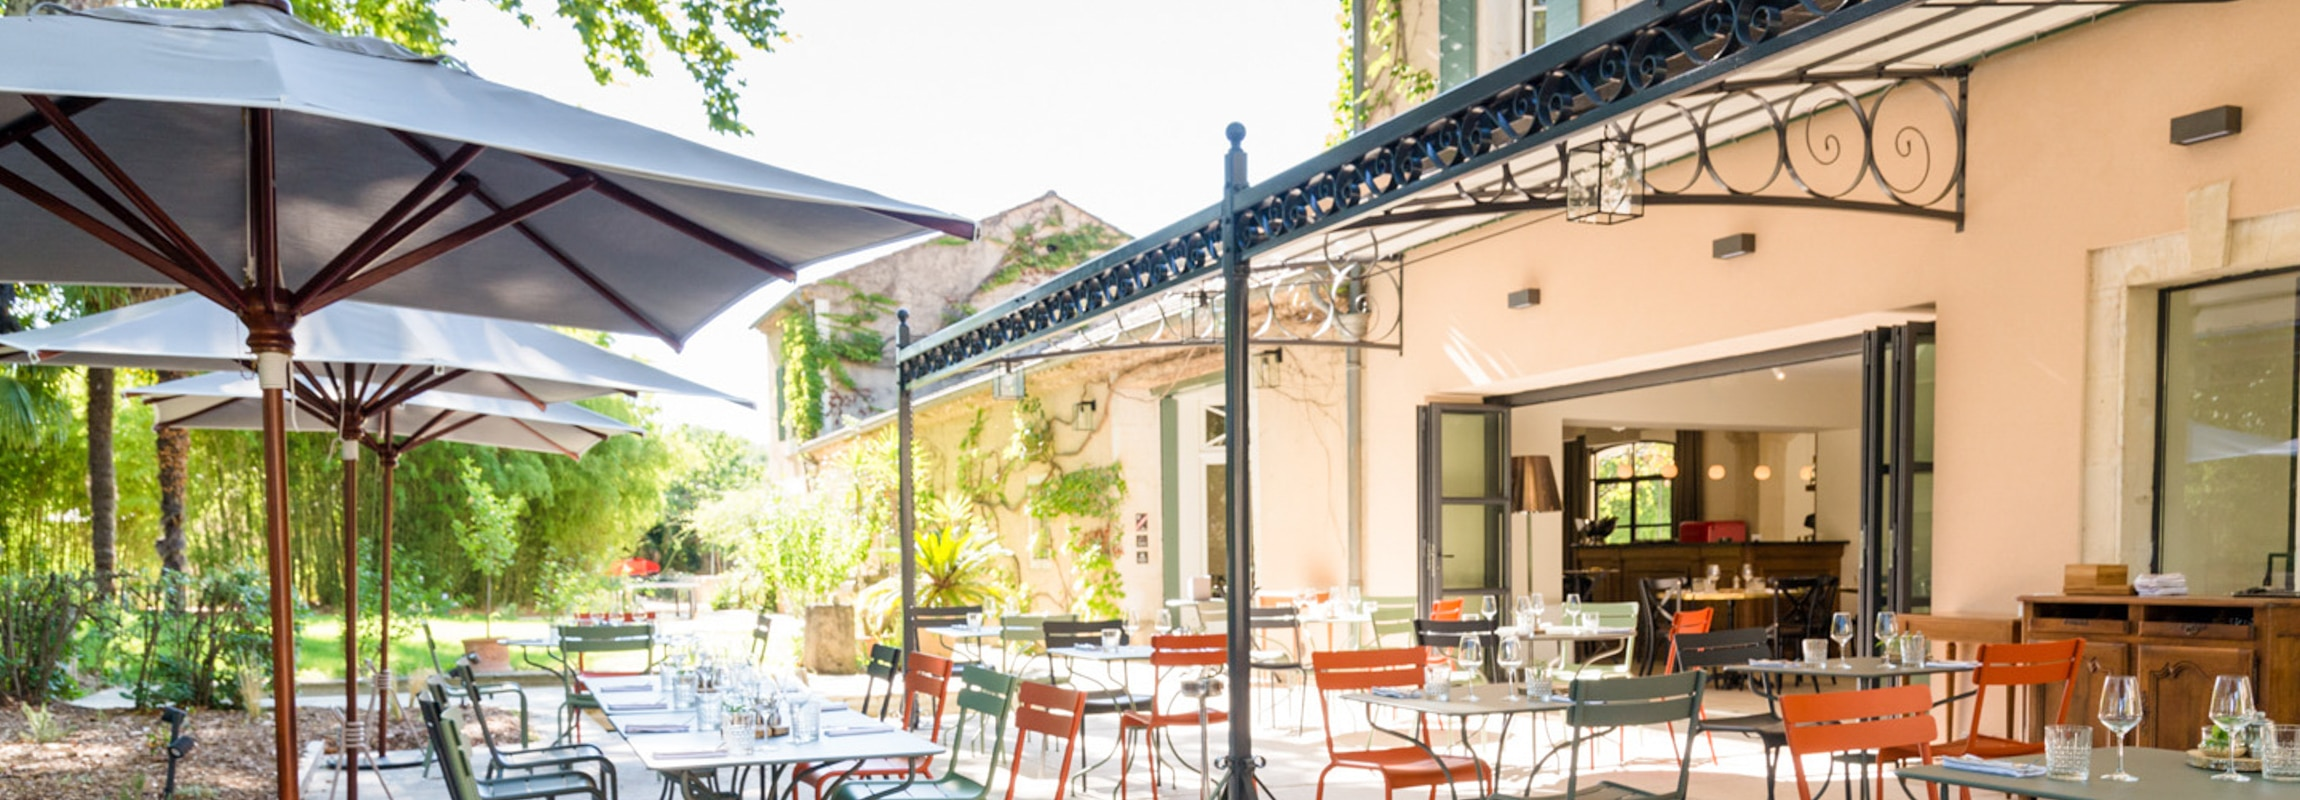 Das Bistro de Montcaud verfügt über 50 Aussenplätze und 50 Plätze im Innern